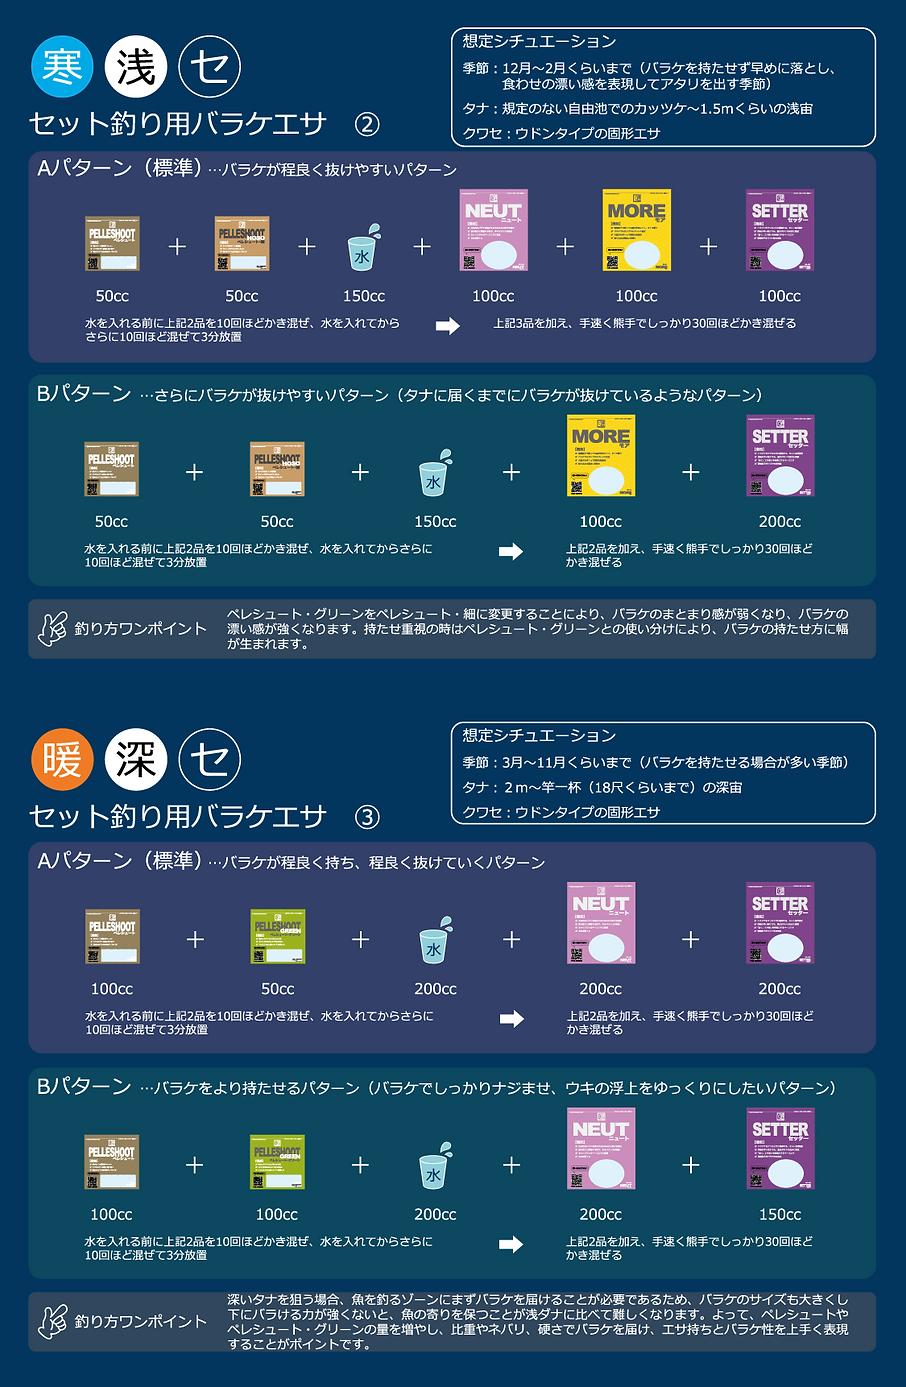 セット釣り用バラケエサ②③